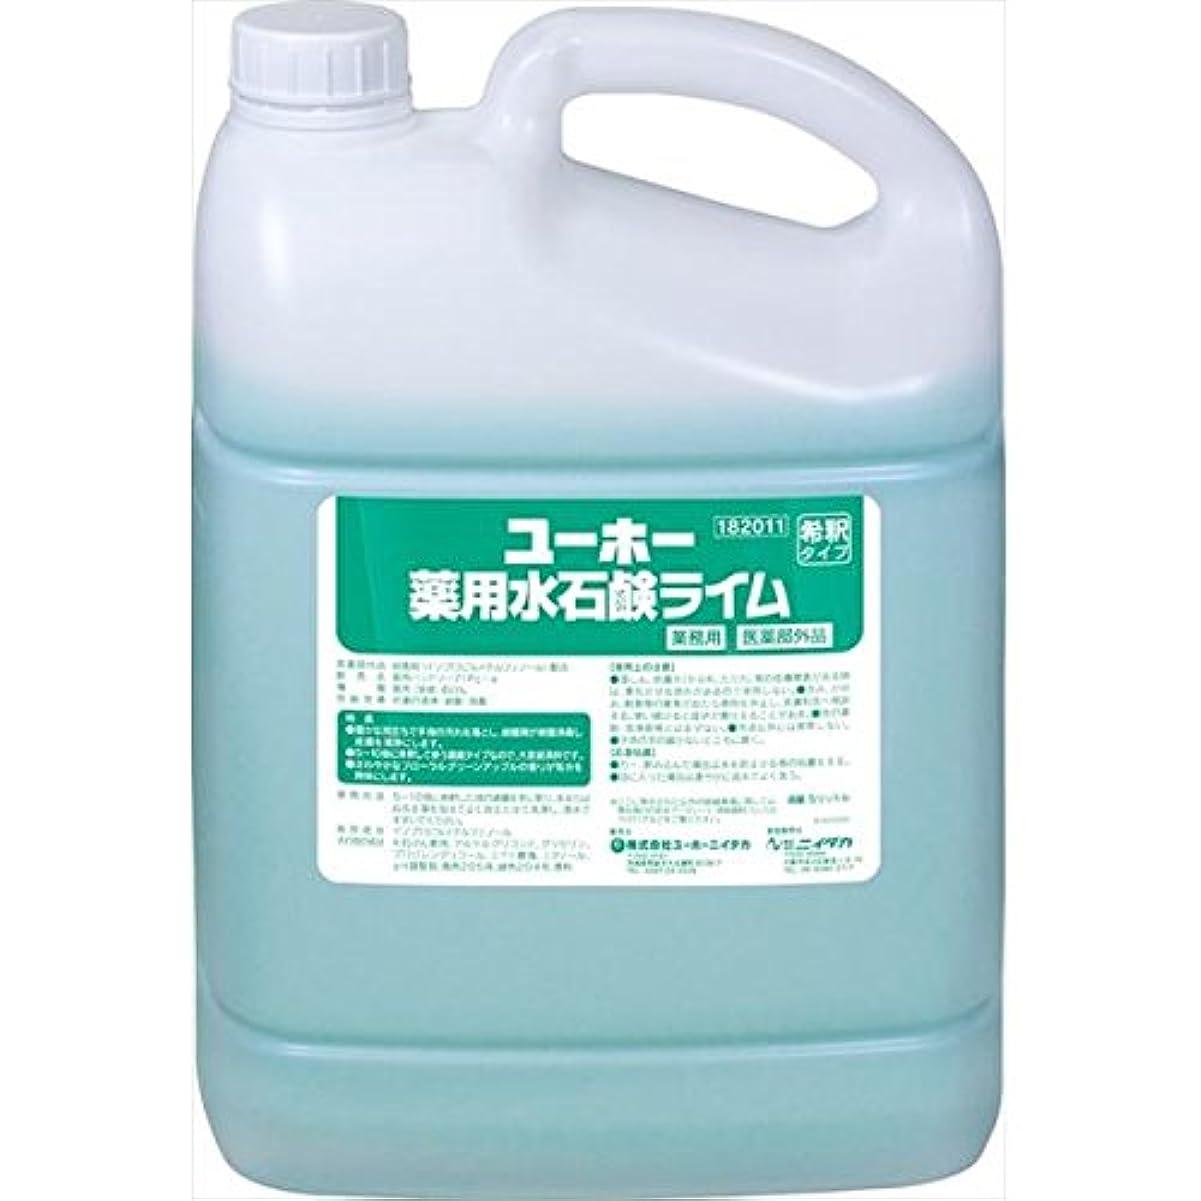 鉄道駅思春期の臨検ユーホーニイタカ:薬用水石鹸ライム 5L×2 182011